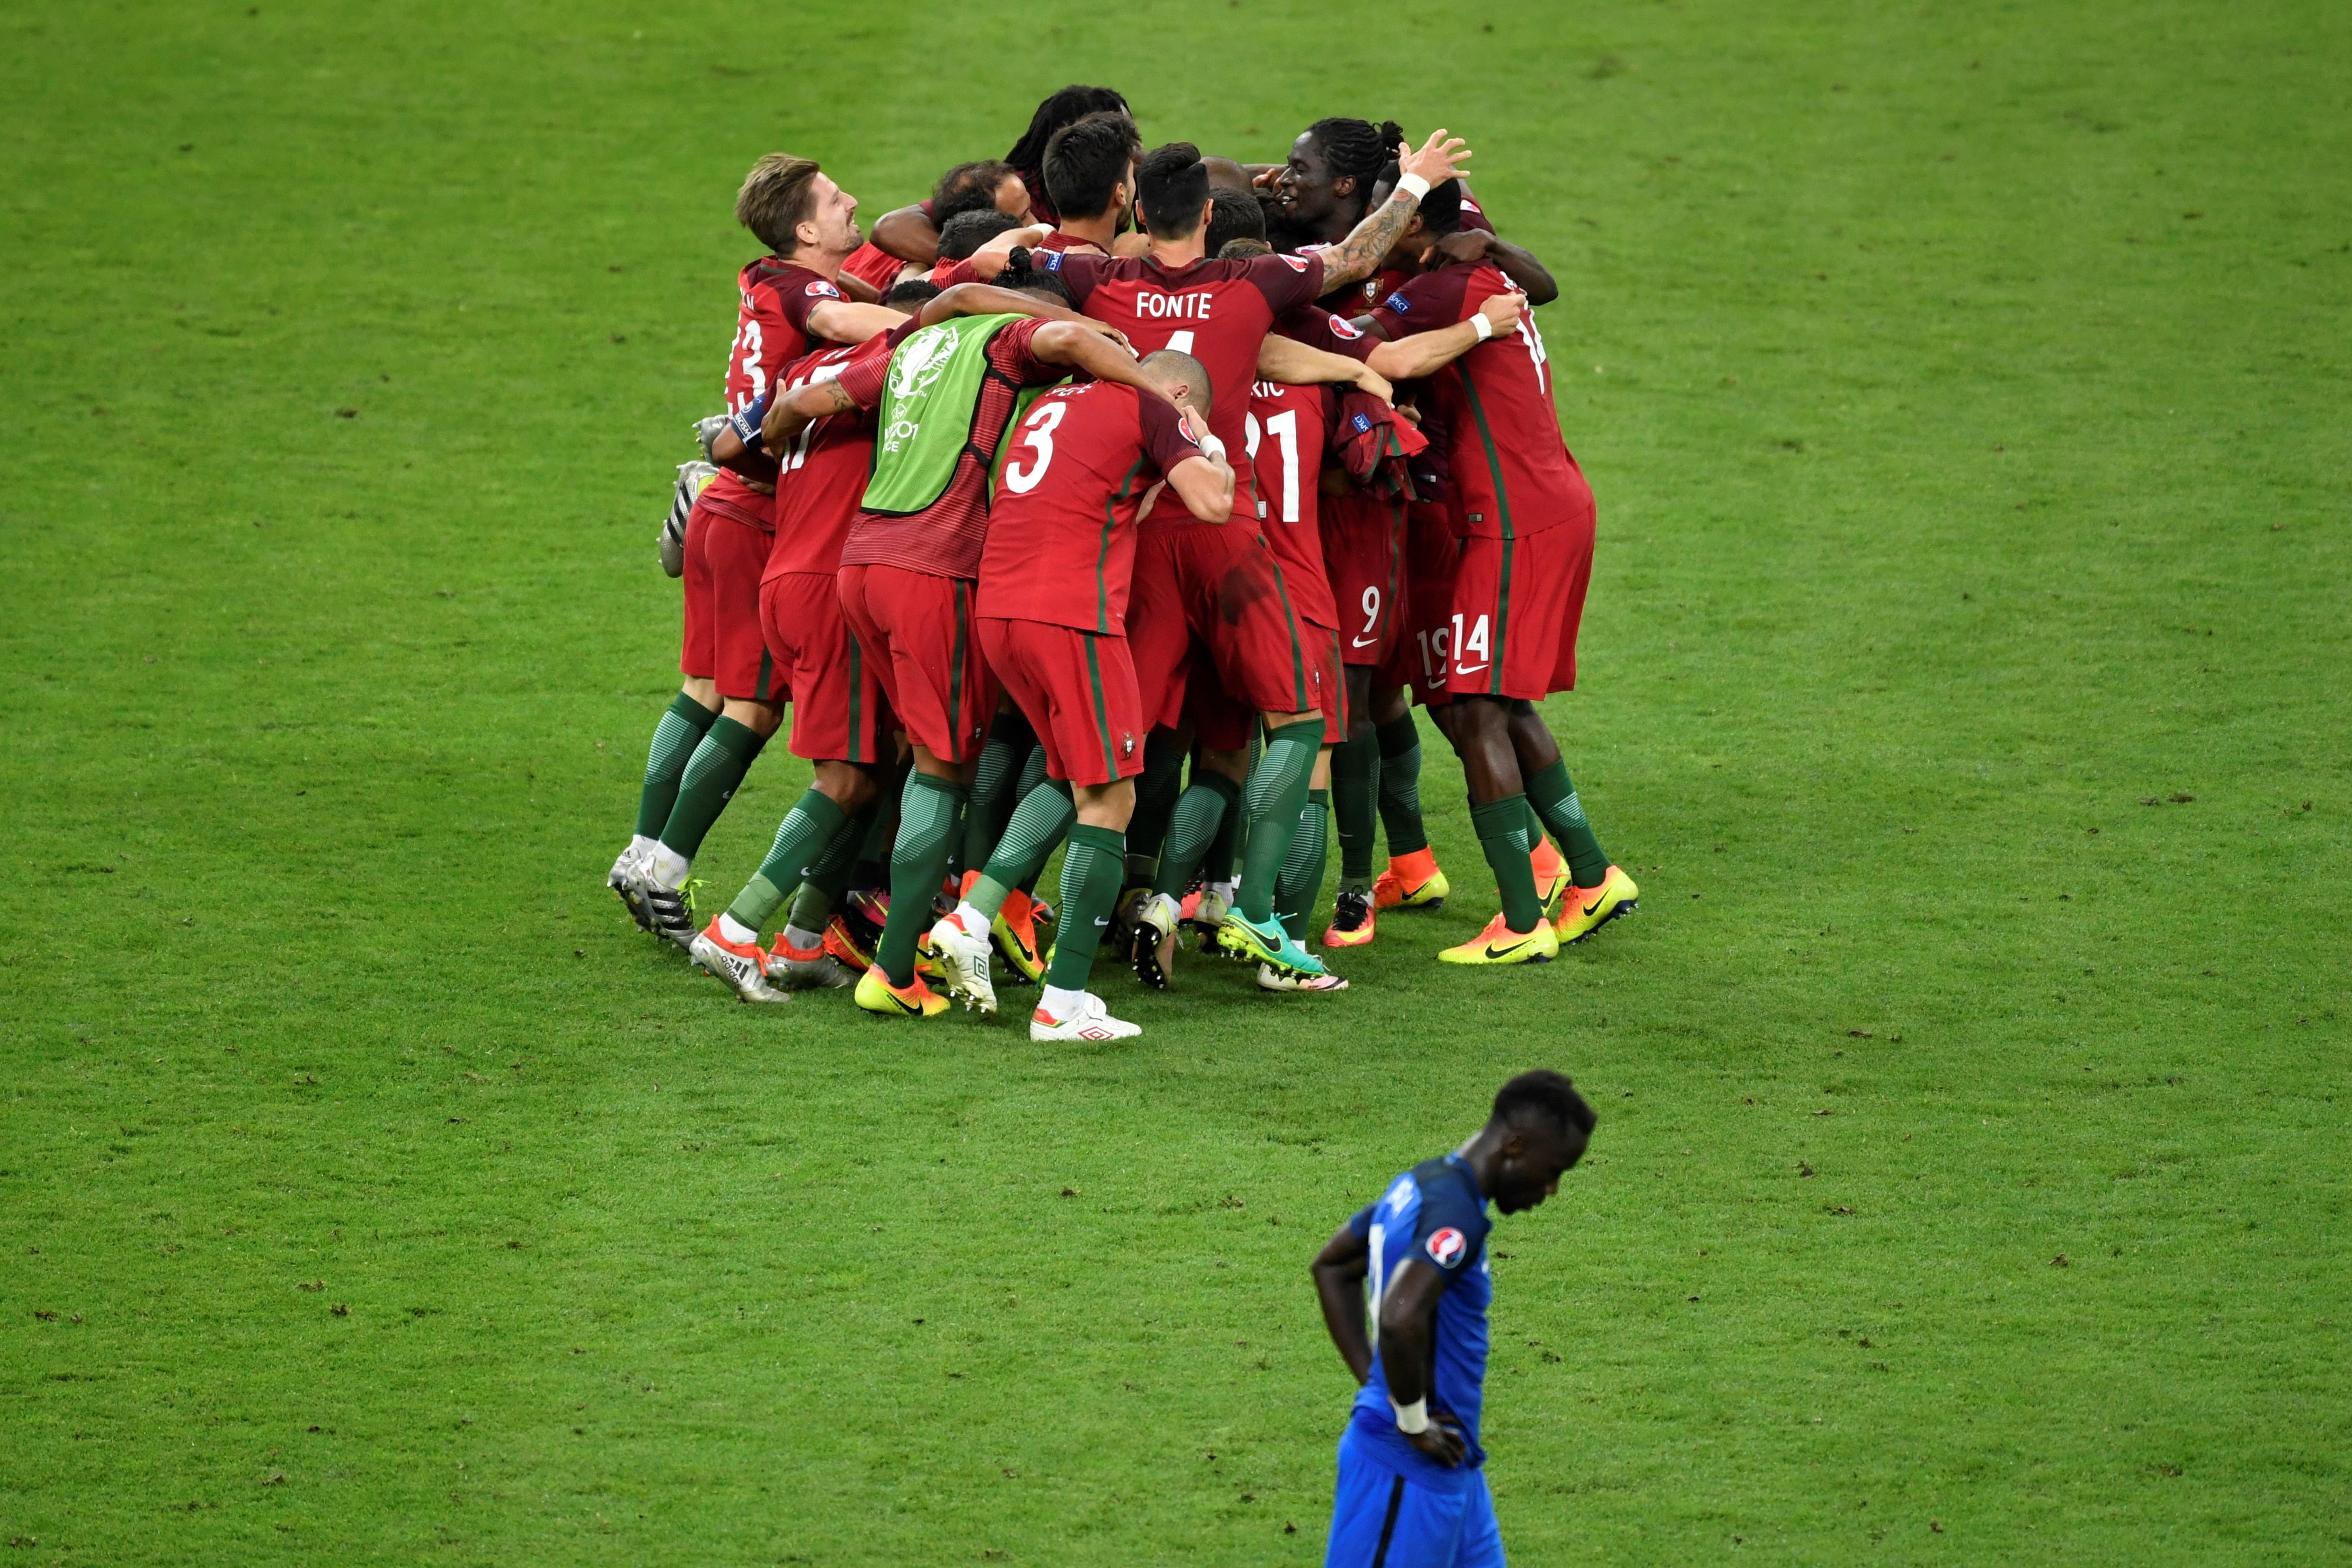 葡萄牙球員擁抱慶祝勝利,與法國球員的表情形成強烈的對比。(MIGUEL MEDINA/AFP)